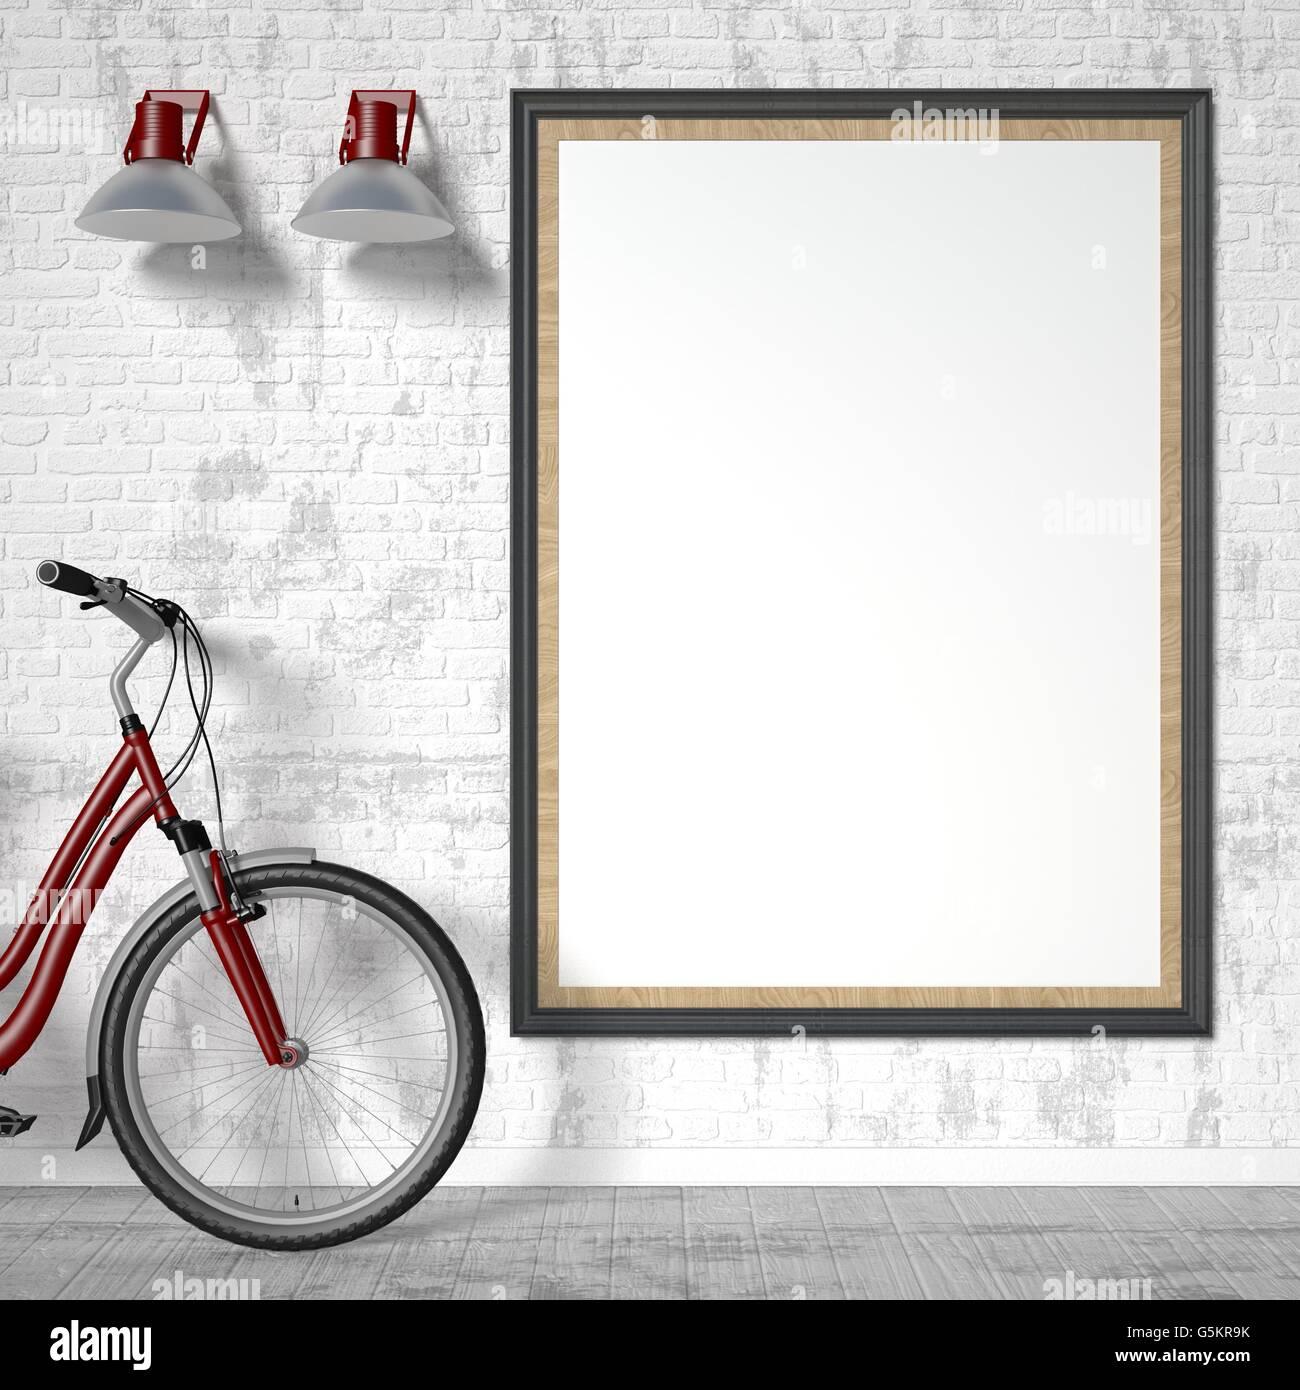 Leere Bilderrahmen mit Fahrrad und Wand Licht. Mock-up Plakat. 3D ...